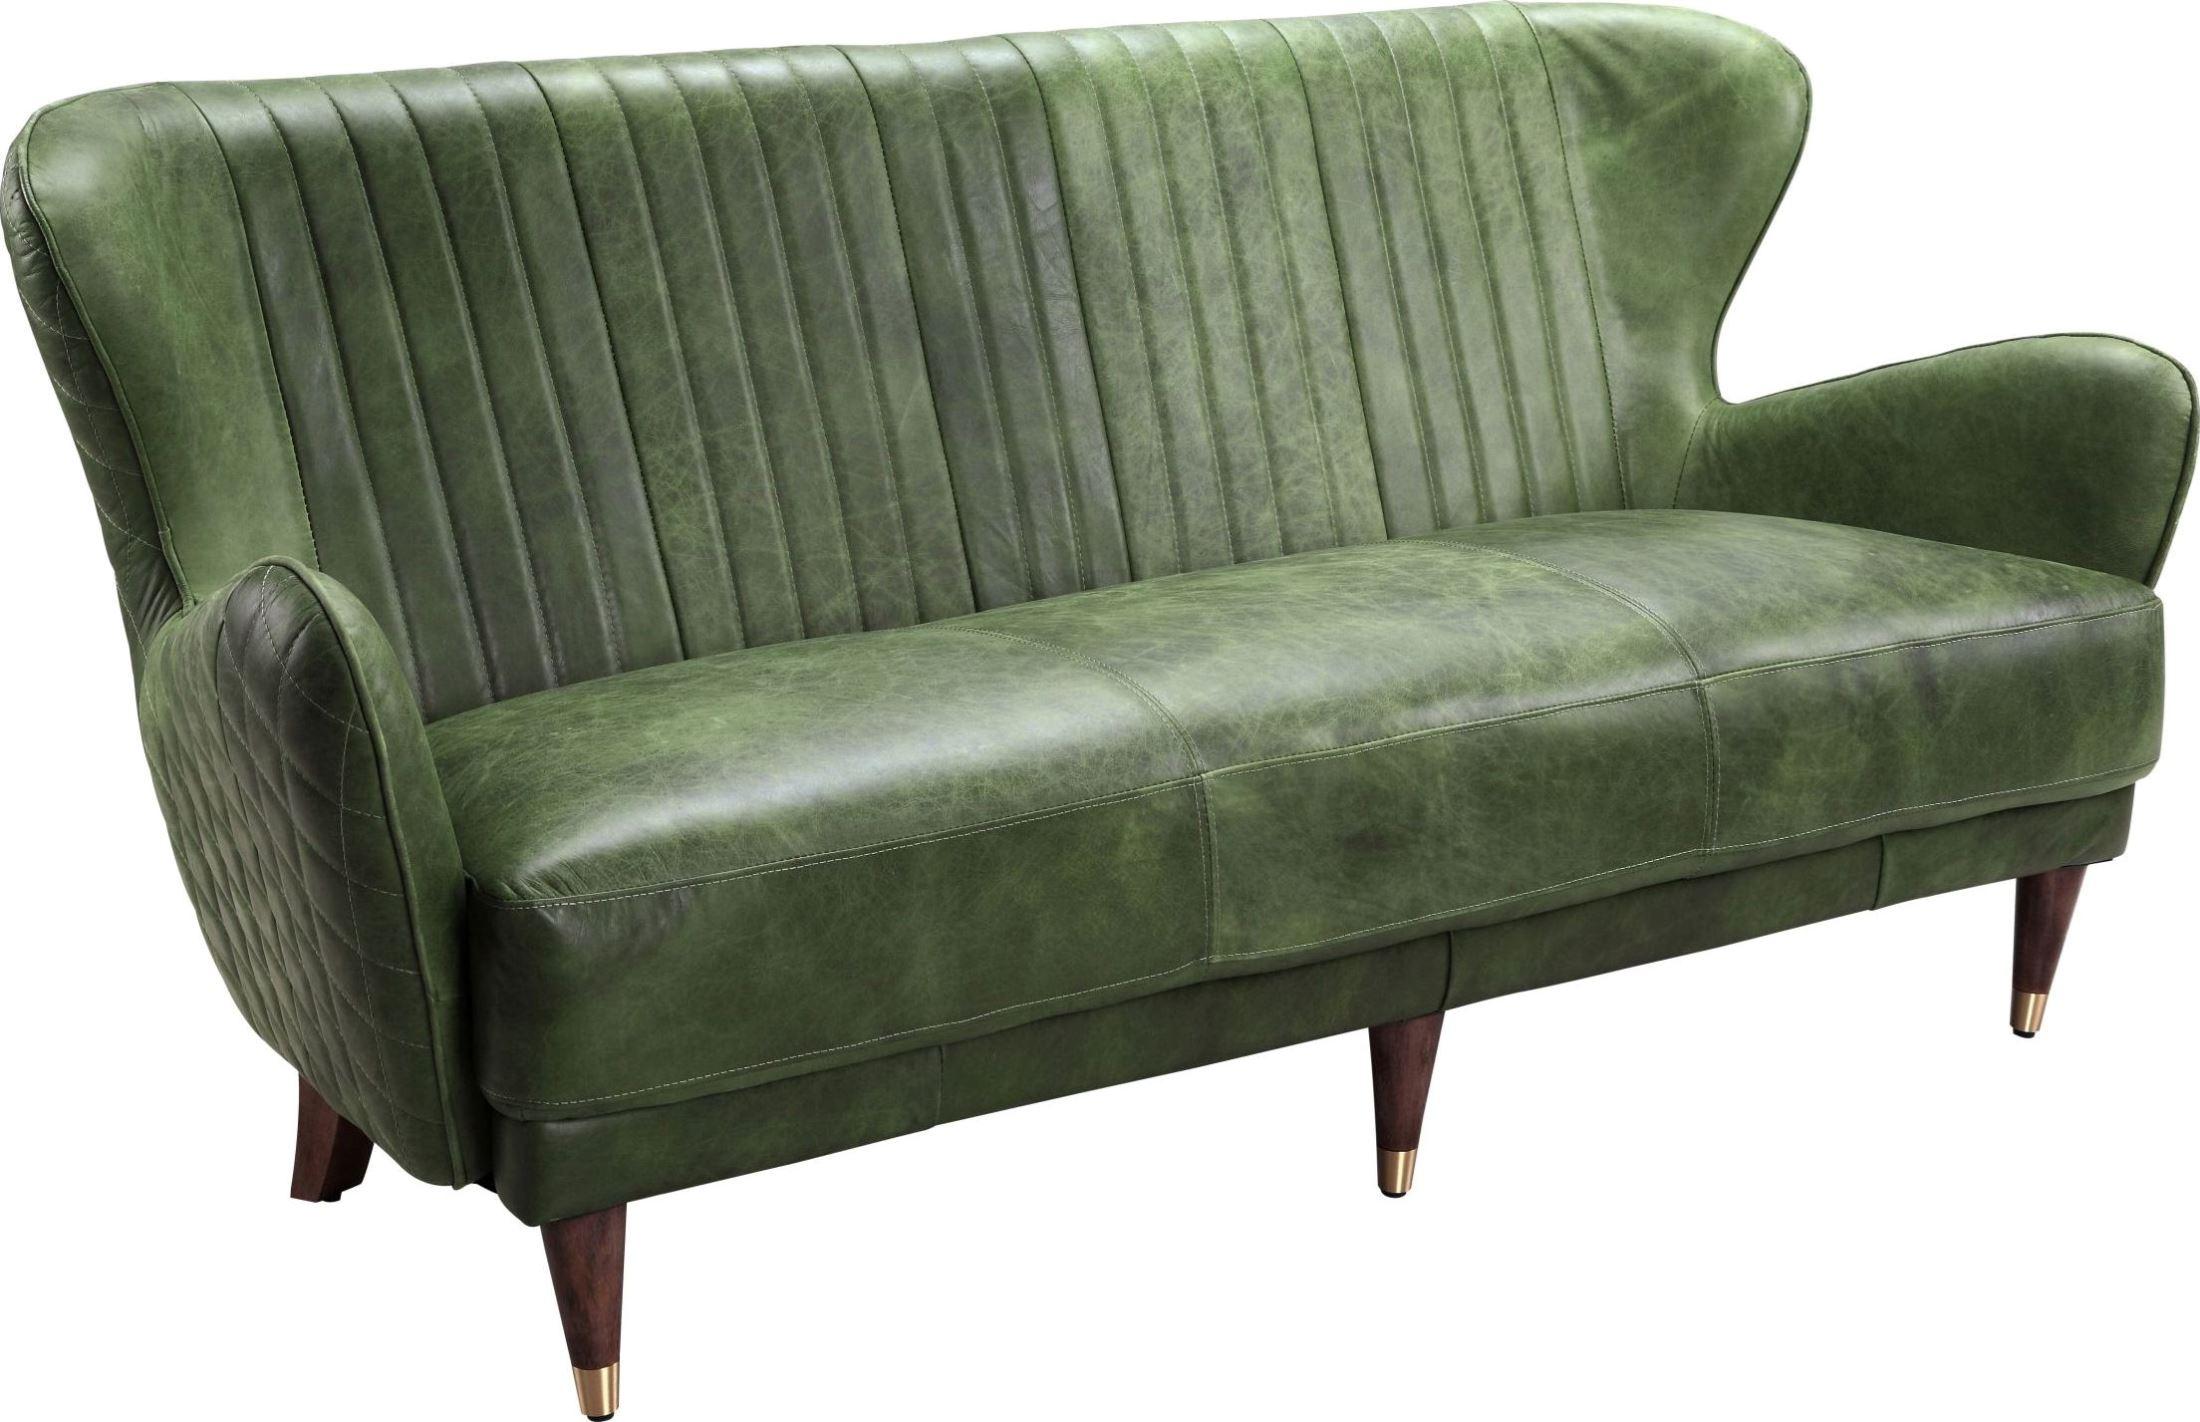 Keaton Chartreuse Leather Sofa